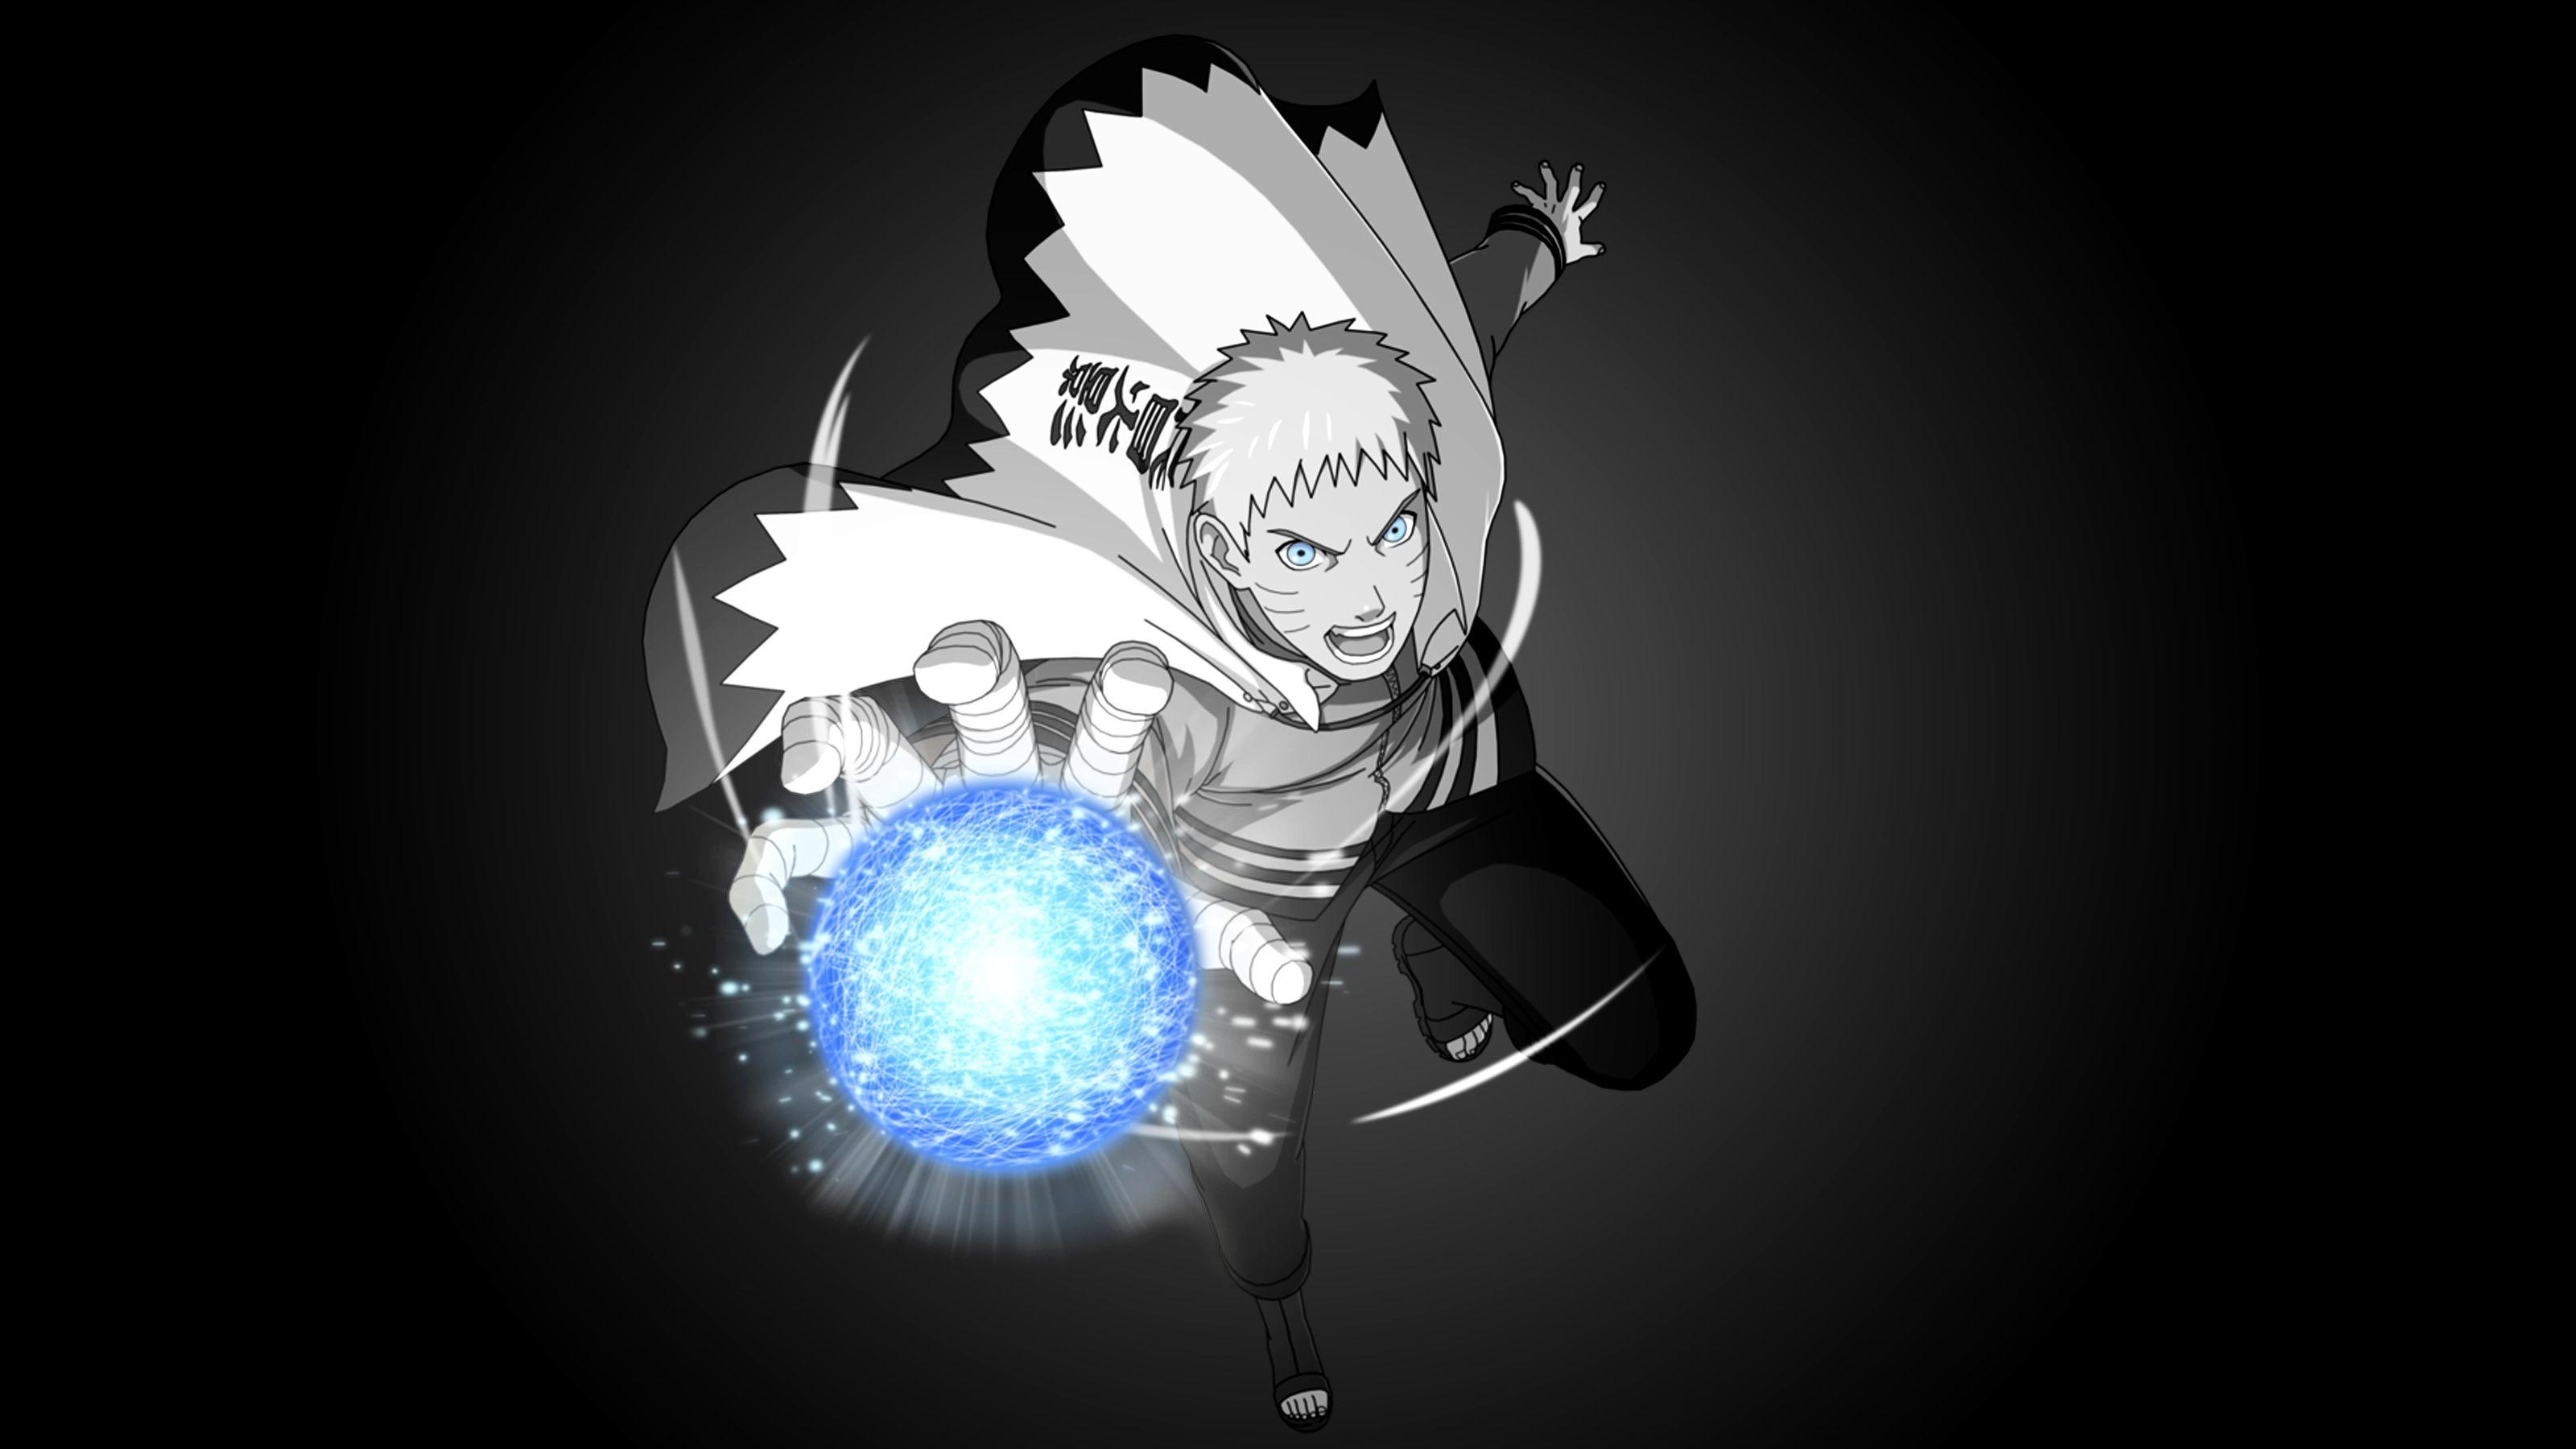 Naruto Dark Wallpaper 4k Gallery Dengan Gambar